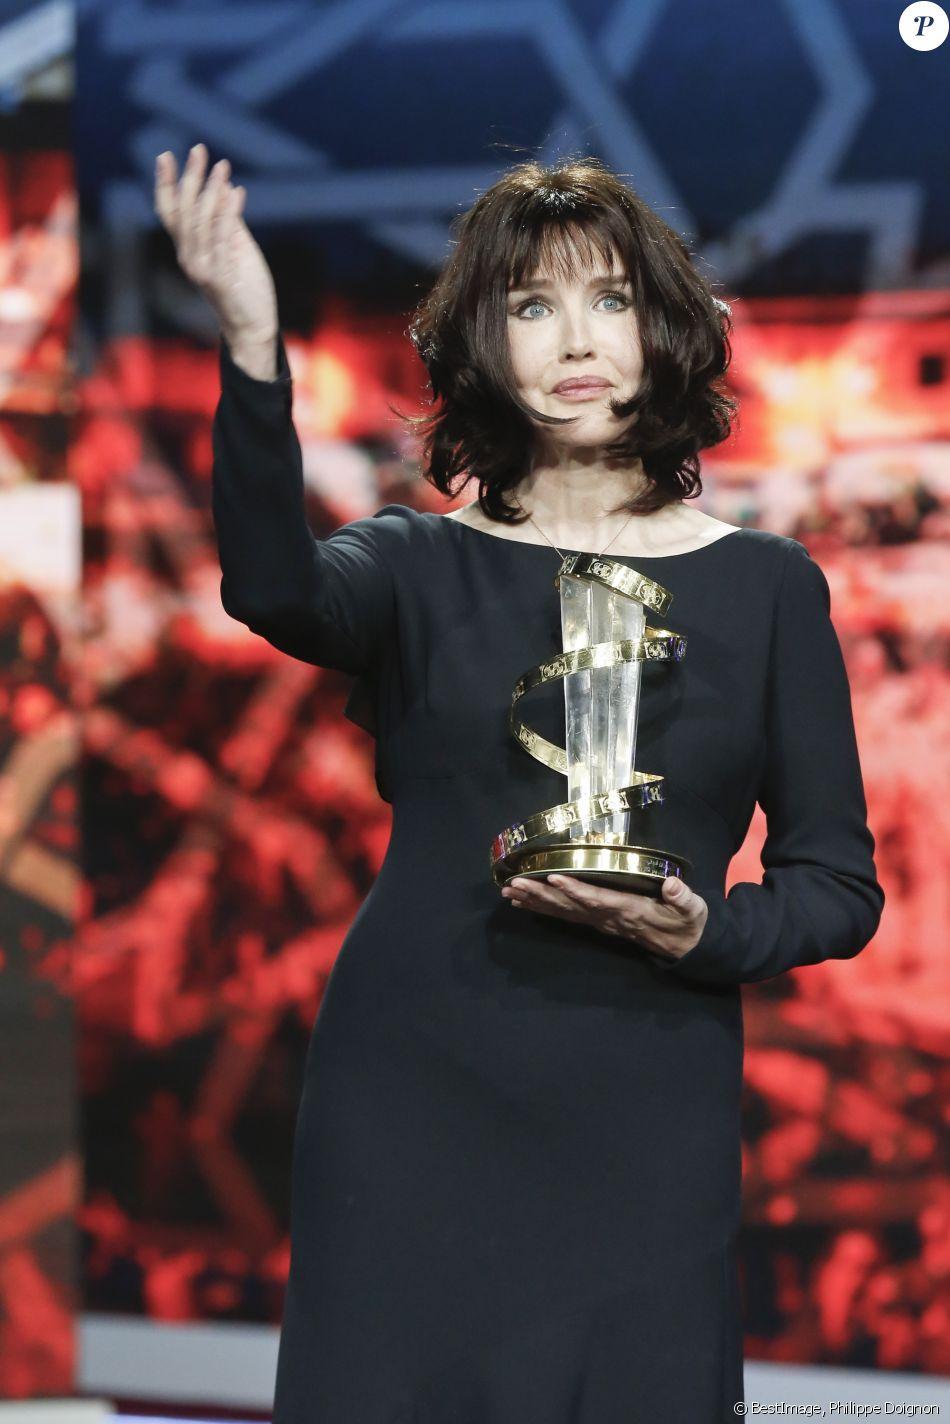 Cérémonie d'hommage à Isabelle Adjani lors du 16ème Festival International du Film de Marrakech. Le 9 décembre 2016 © Philippe Doignon